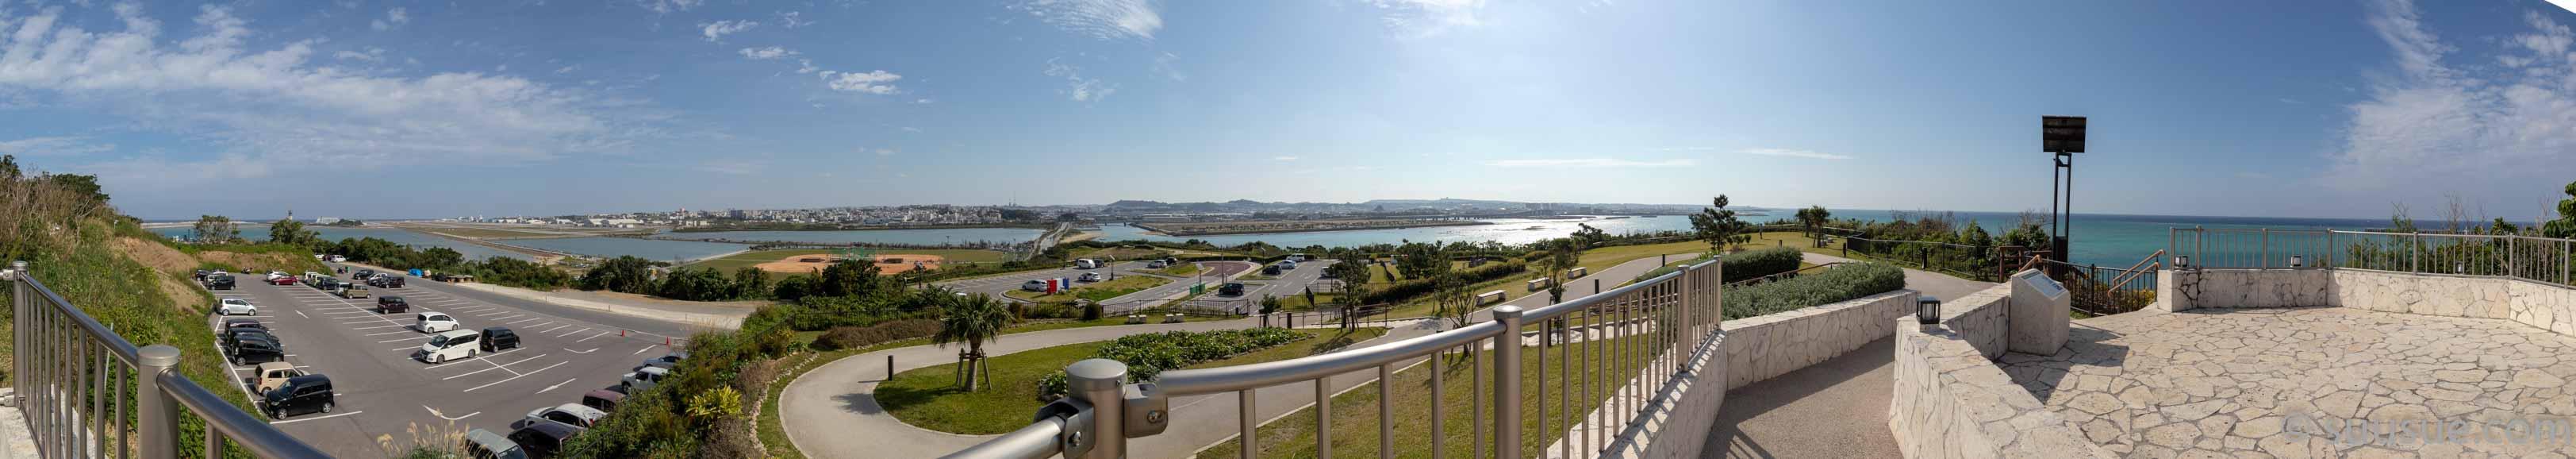 瀬長島展望台からの風景